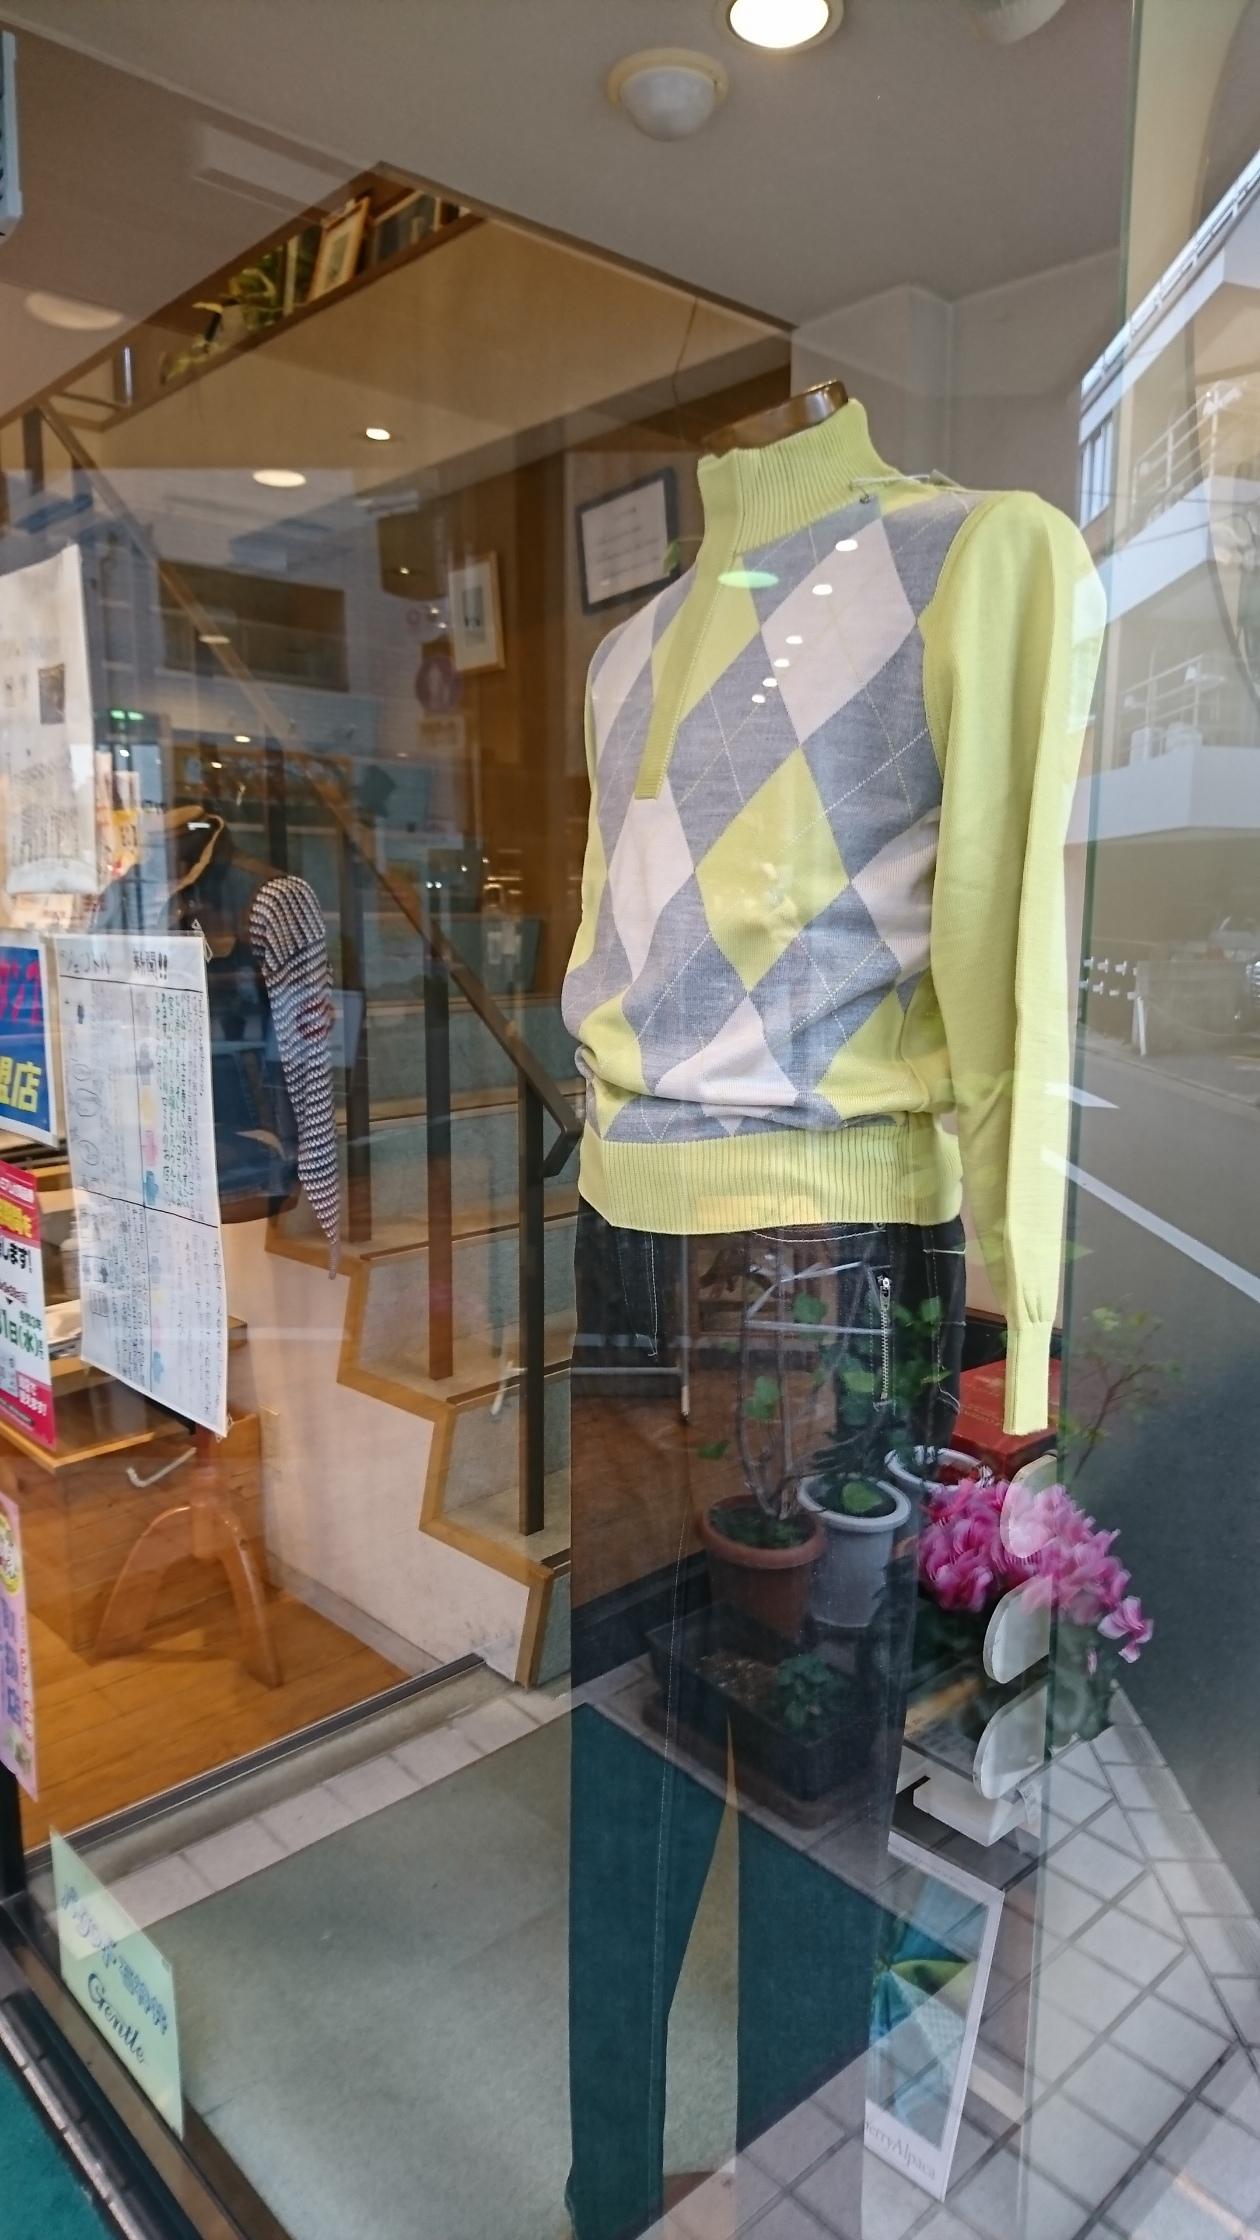 入り口脇のウィンドーにいるトルソーにはストレッチデニムと春物セーターを着てもらいました。